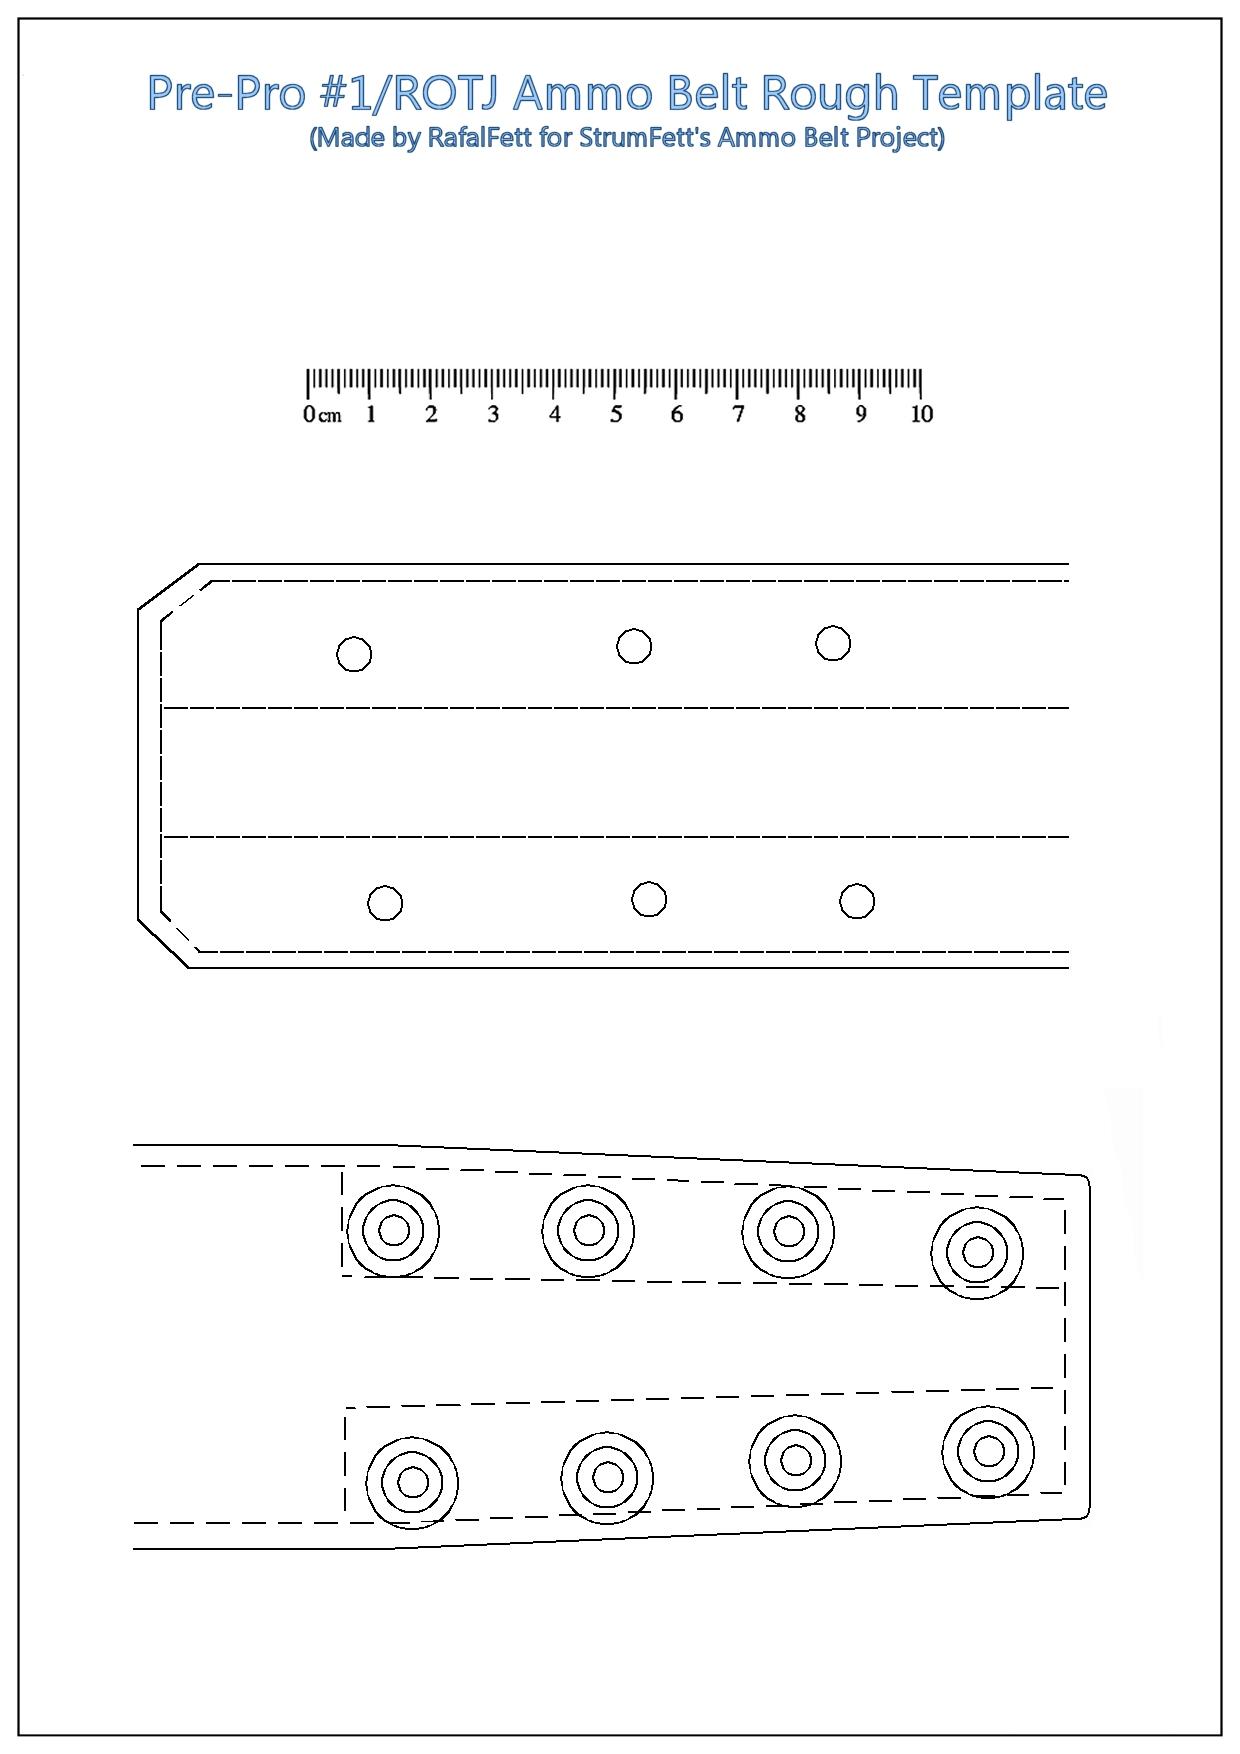 PP1 ROTJ Ammo Belt Template A4.jpg